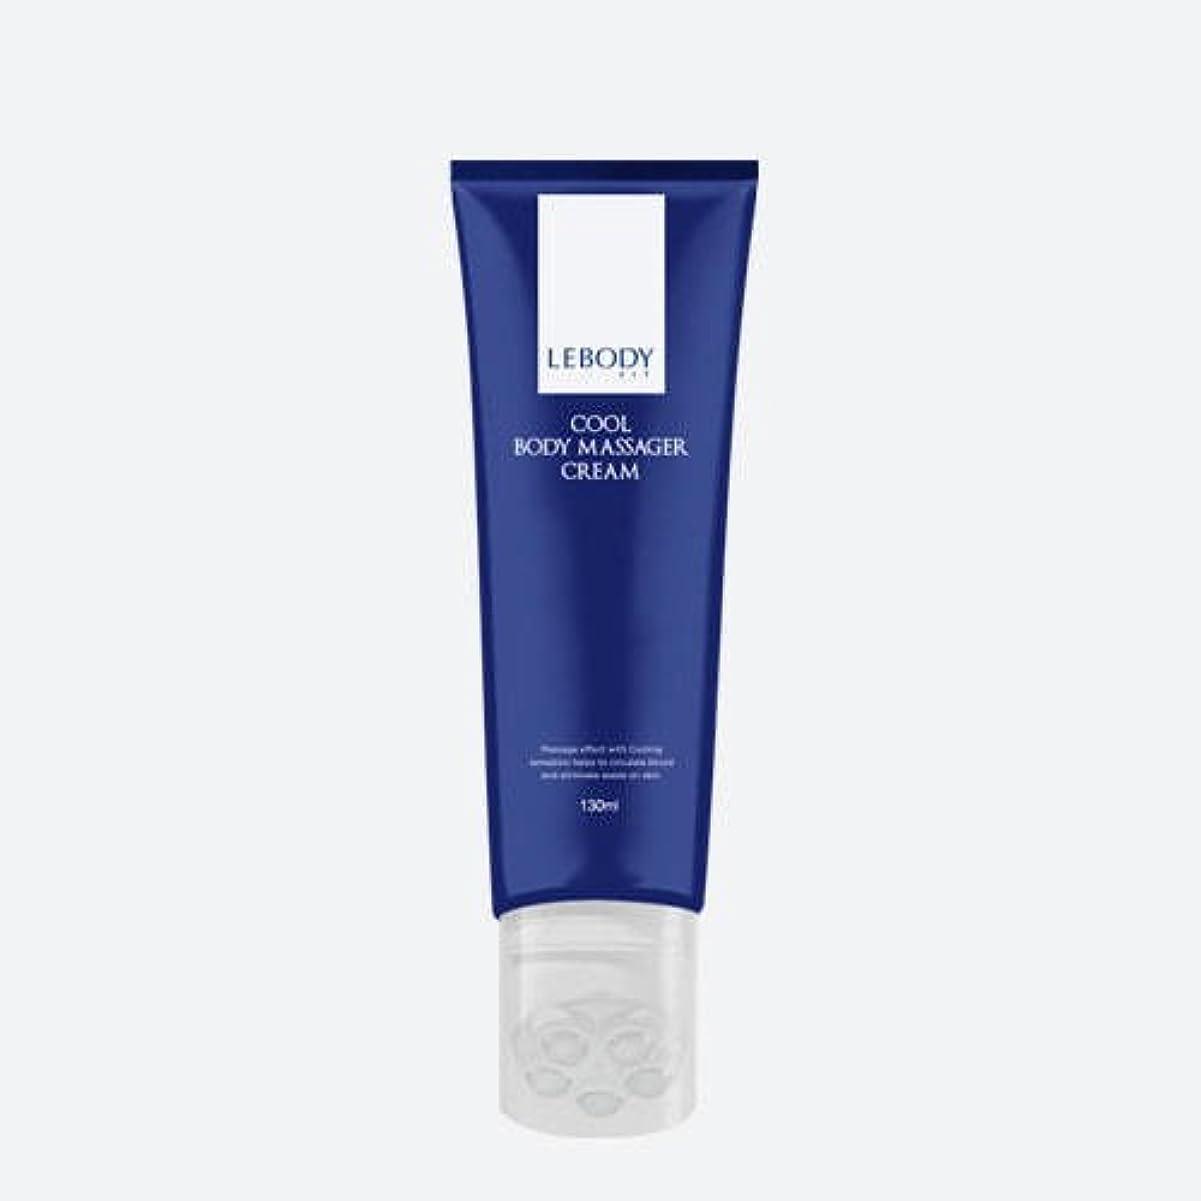 パトロン散文艶[並行輸入品] LEBODYレボディフィットクールボディマッサージクリーム130ml / LEBODY Fit Cool Body Massager Cream 130ml